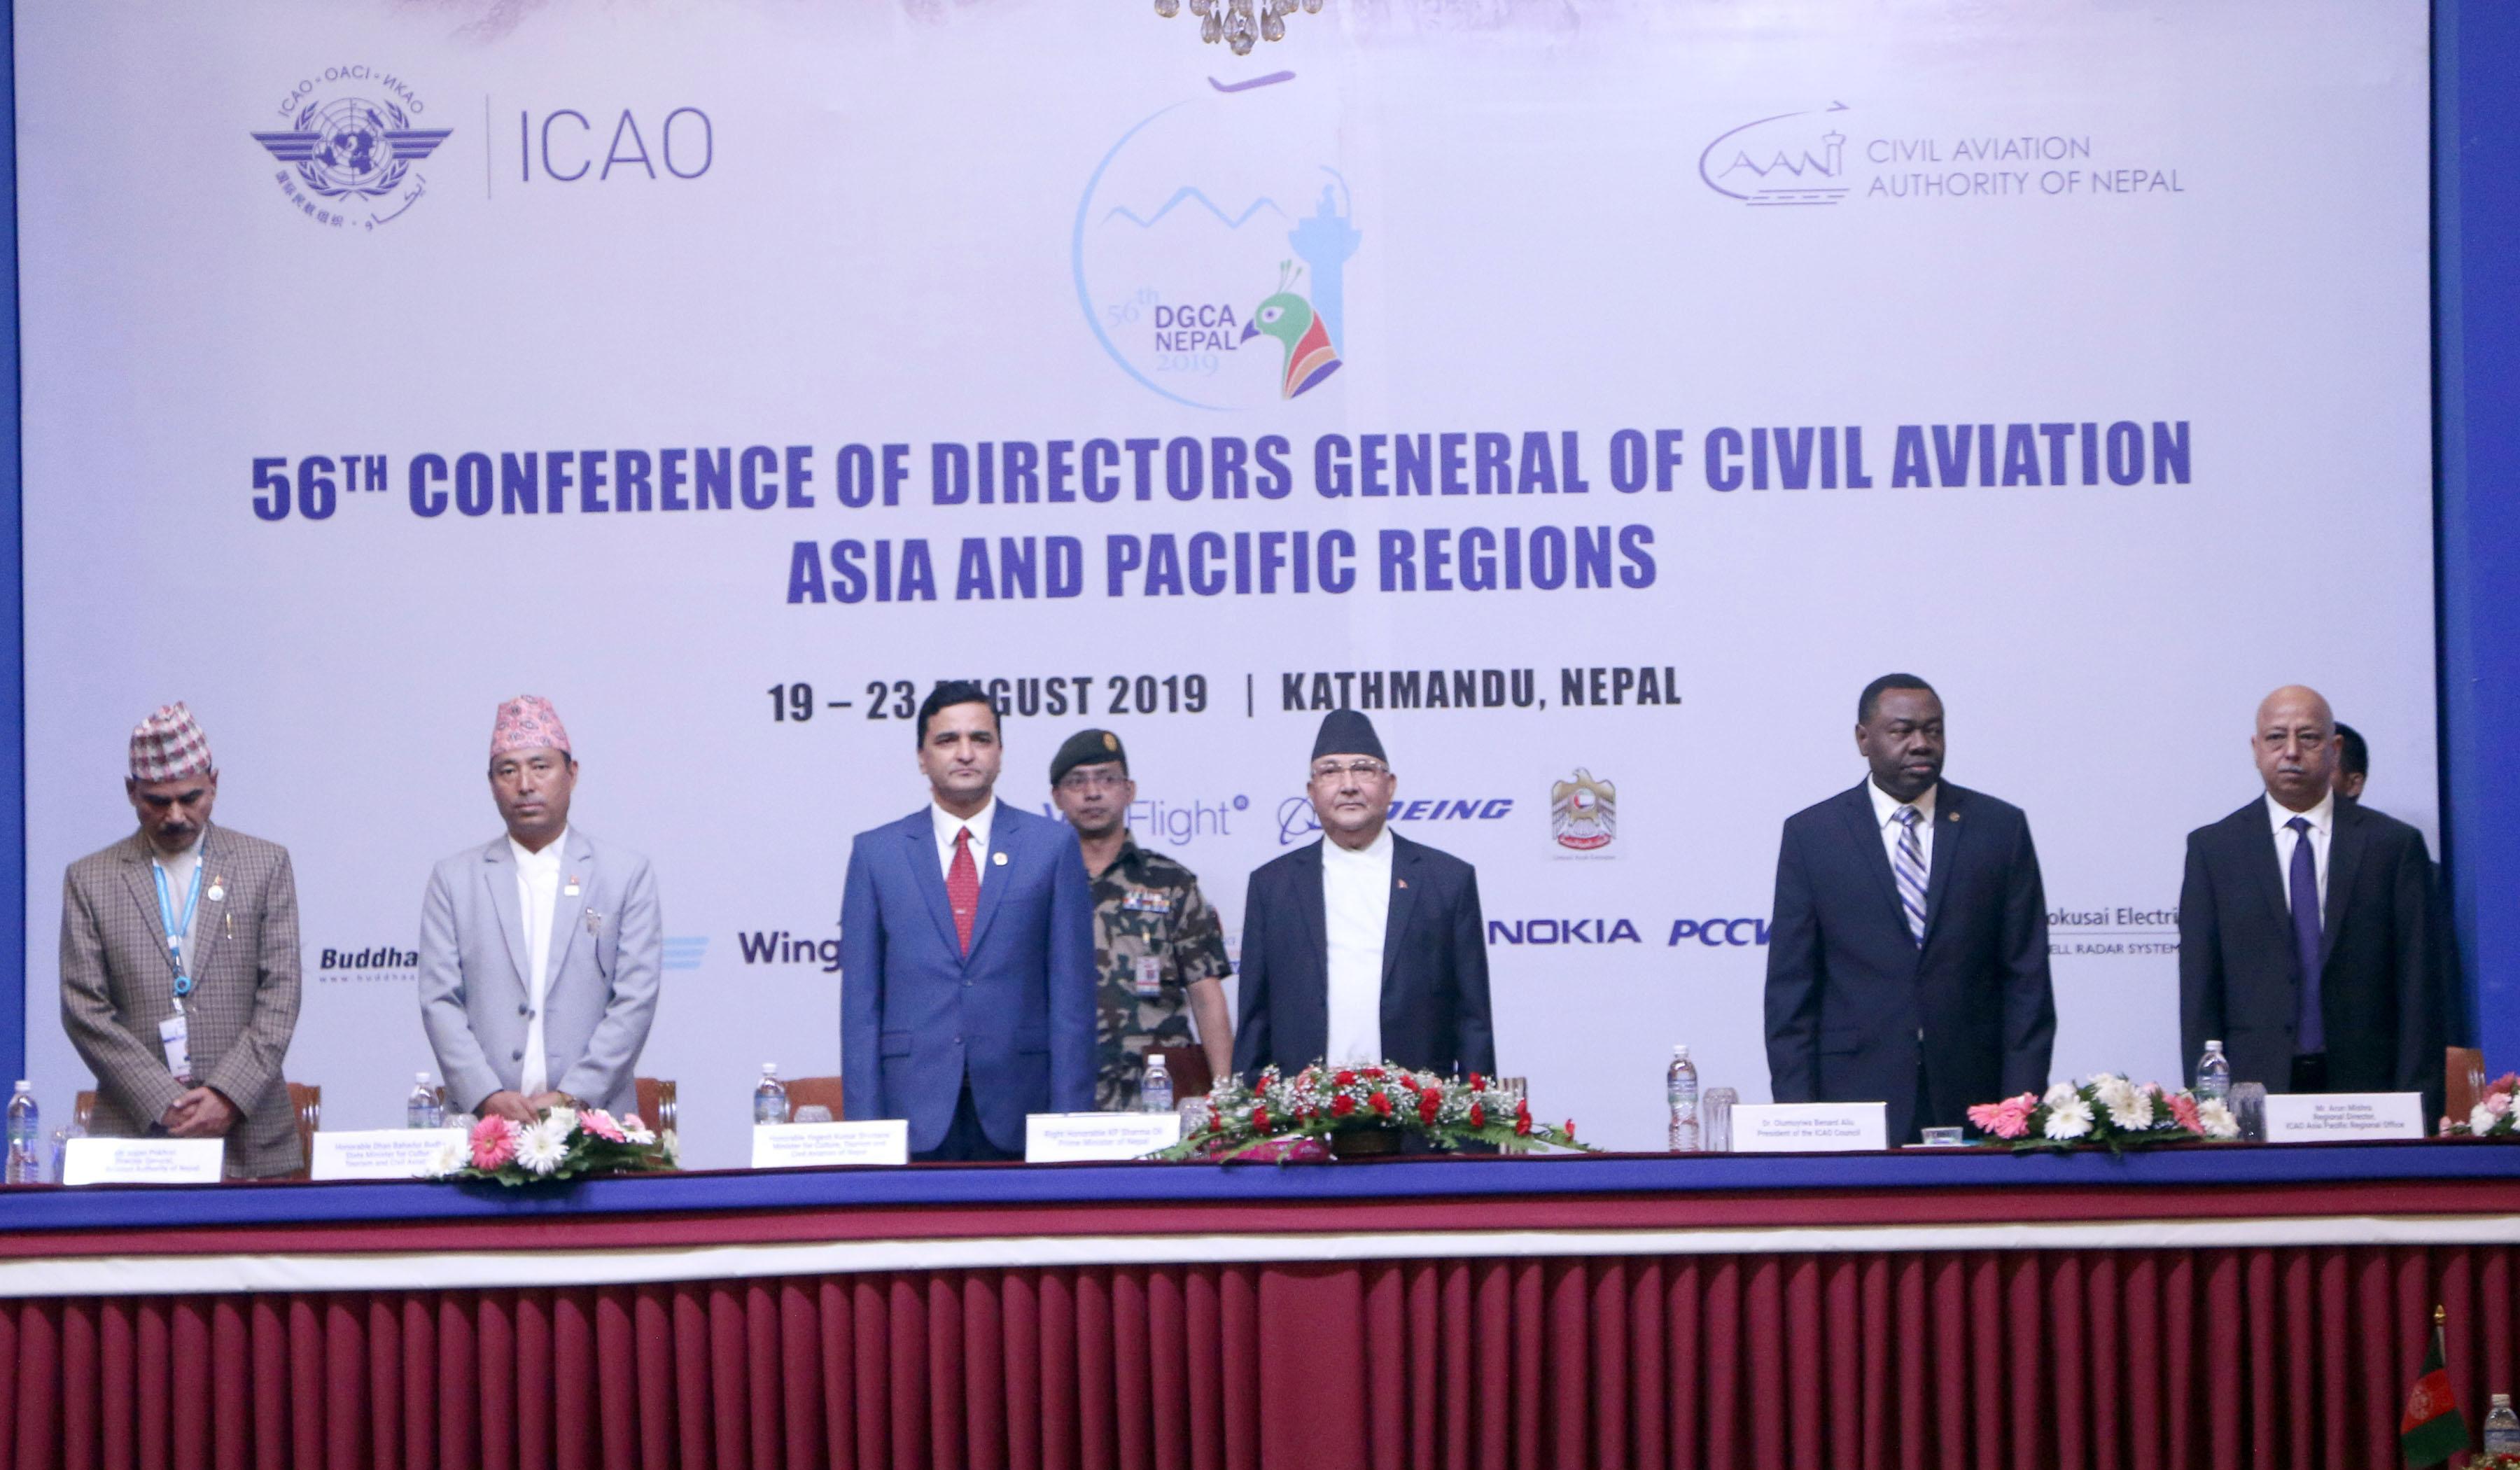 एशिया प्रशान्त क्षेत्रका हवाई महानिर्देशकको सम्मेलन काठमाडौँमा